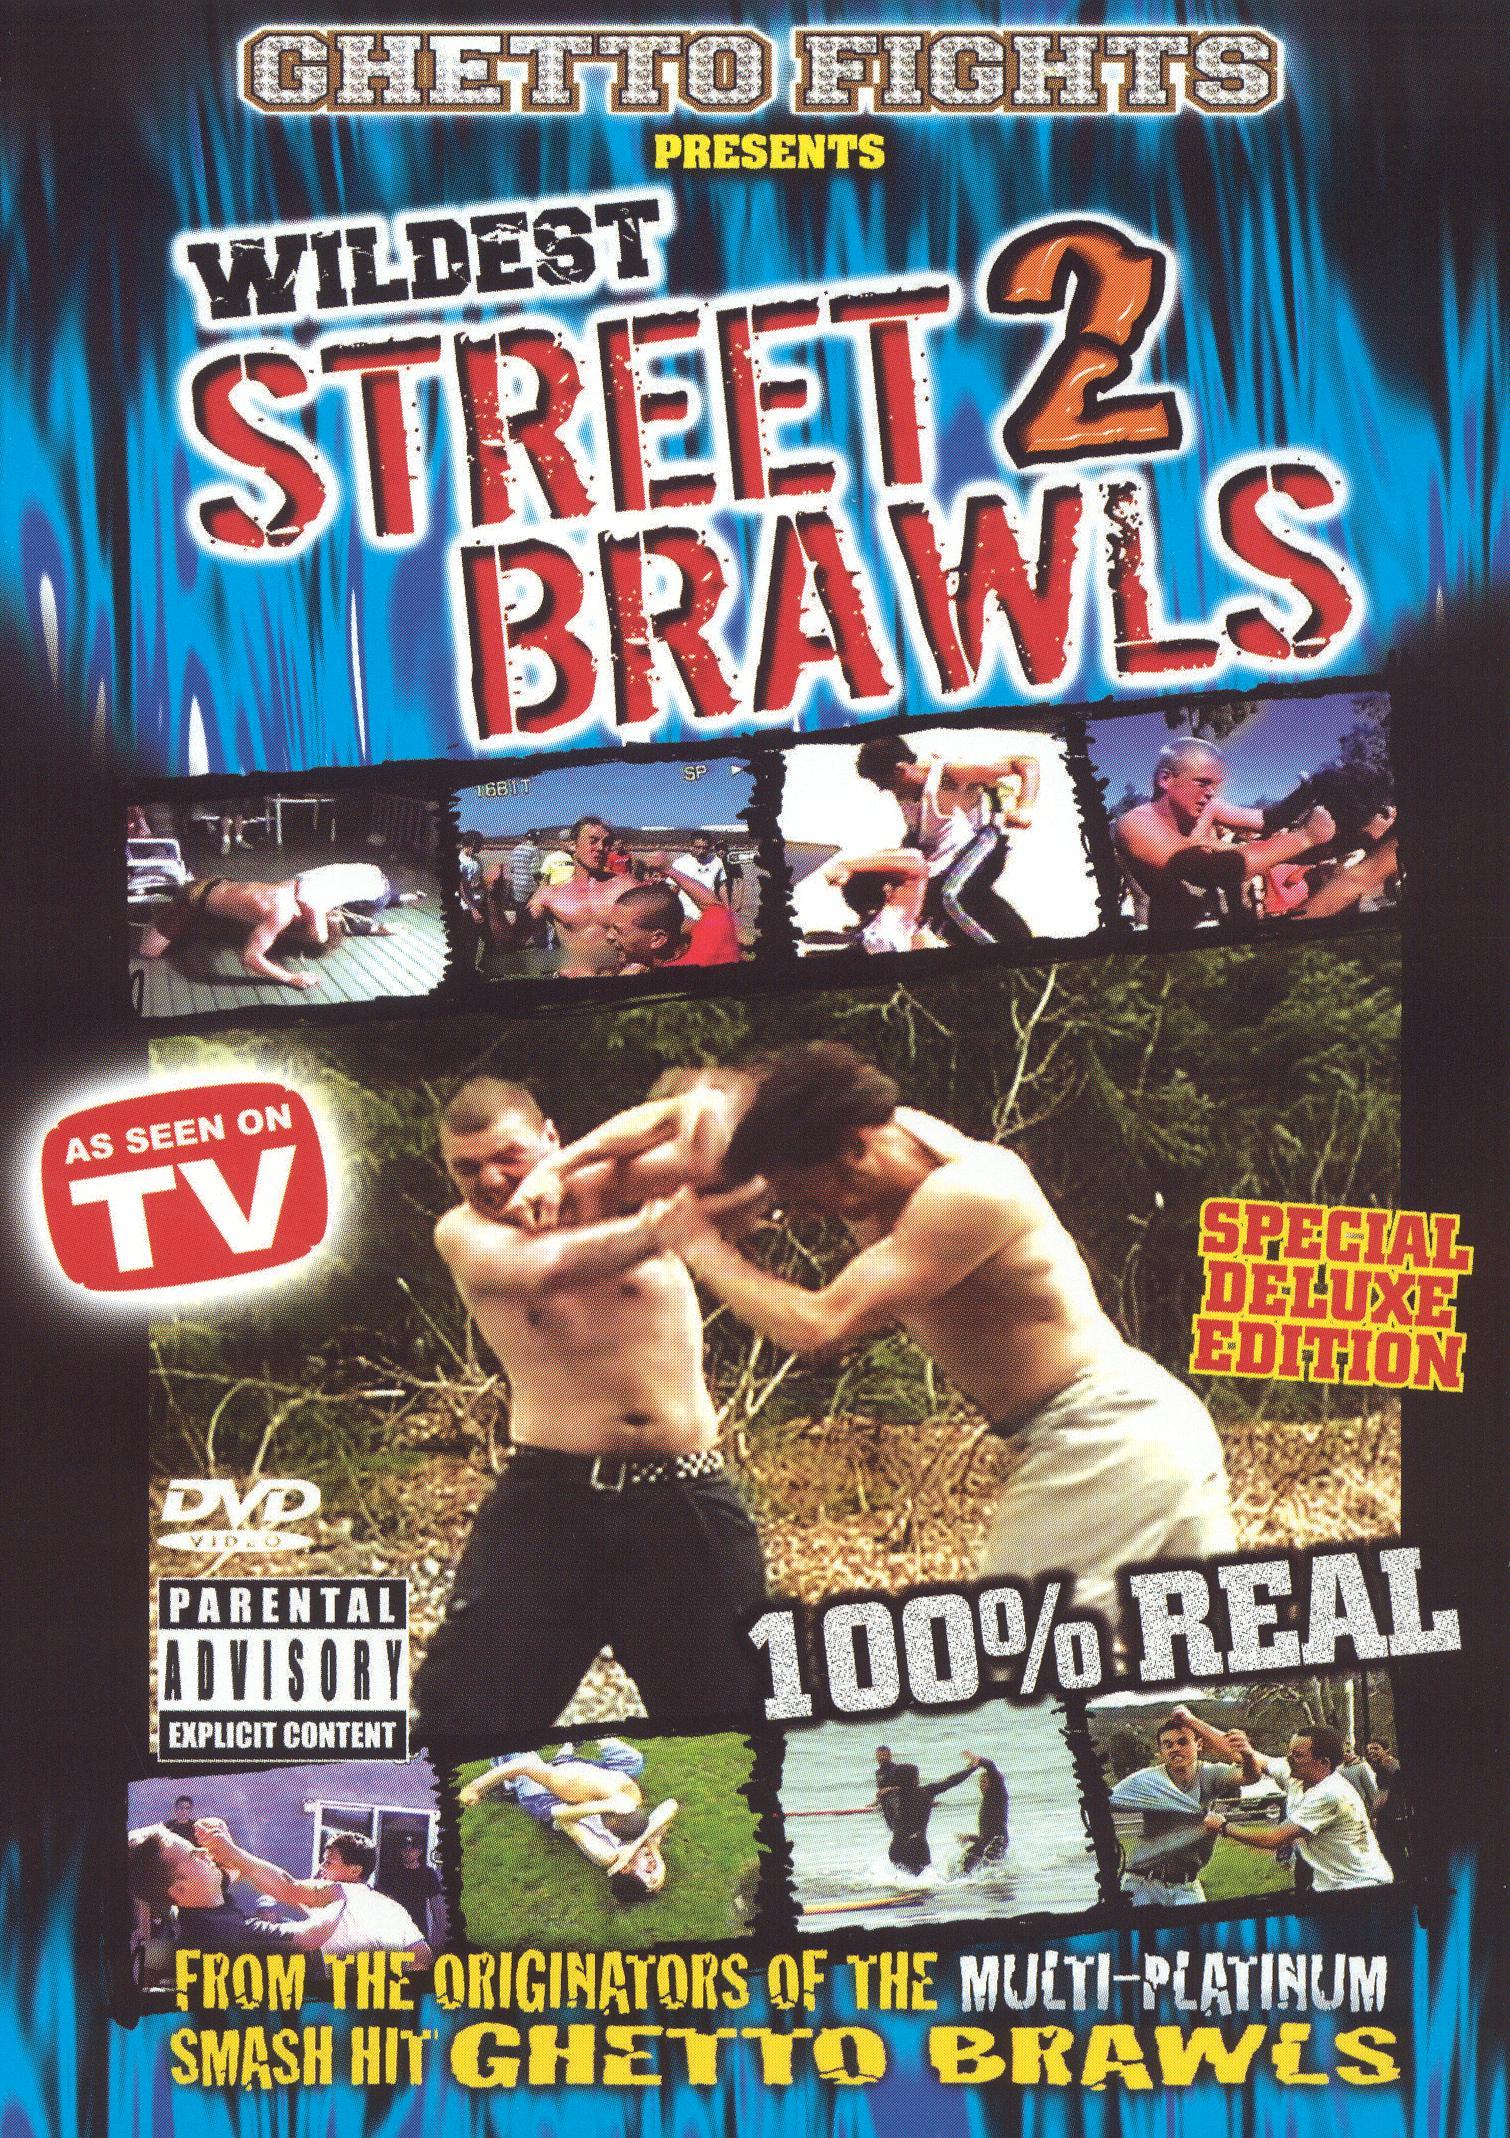 Ghetto Fights Presents: Wildest Street Brawls, Vol. 2